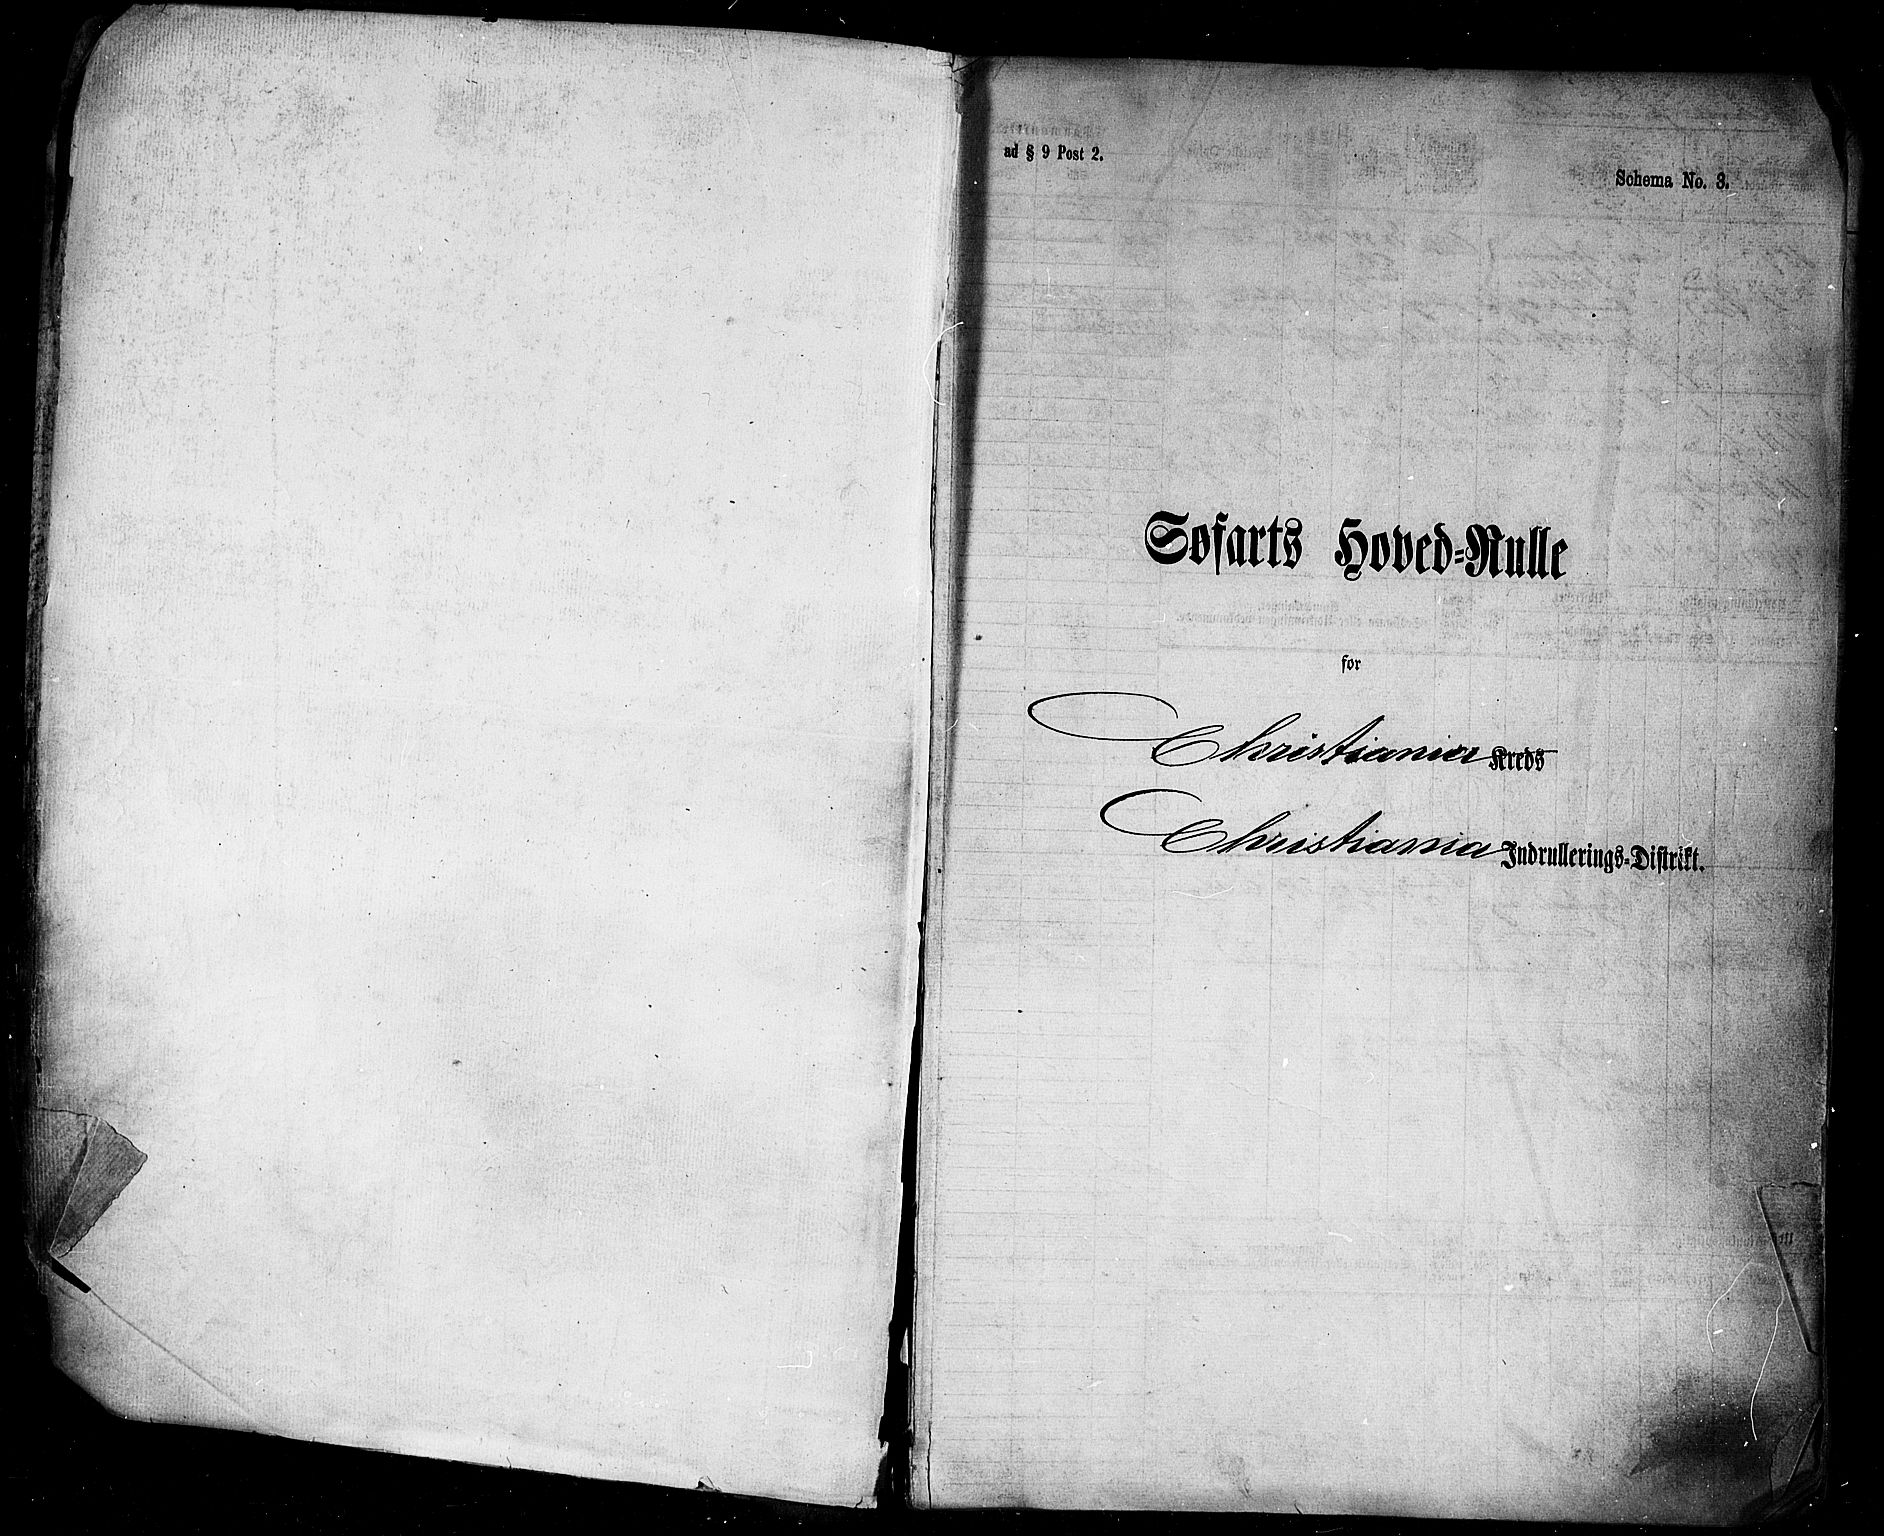 SAO, Oslo mønstringskontor, F/Fc/Fcb/L0005: Hovedrulle, 1873-1882, s. upaginert